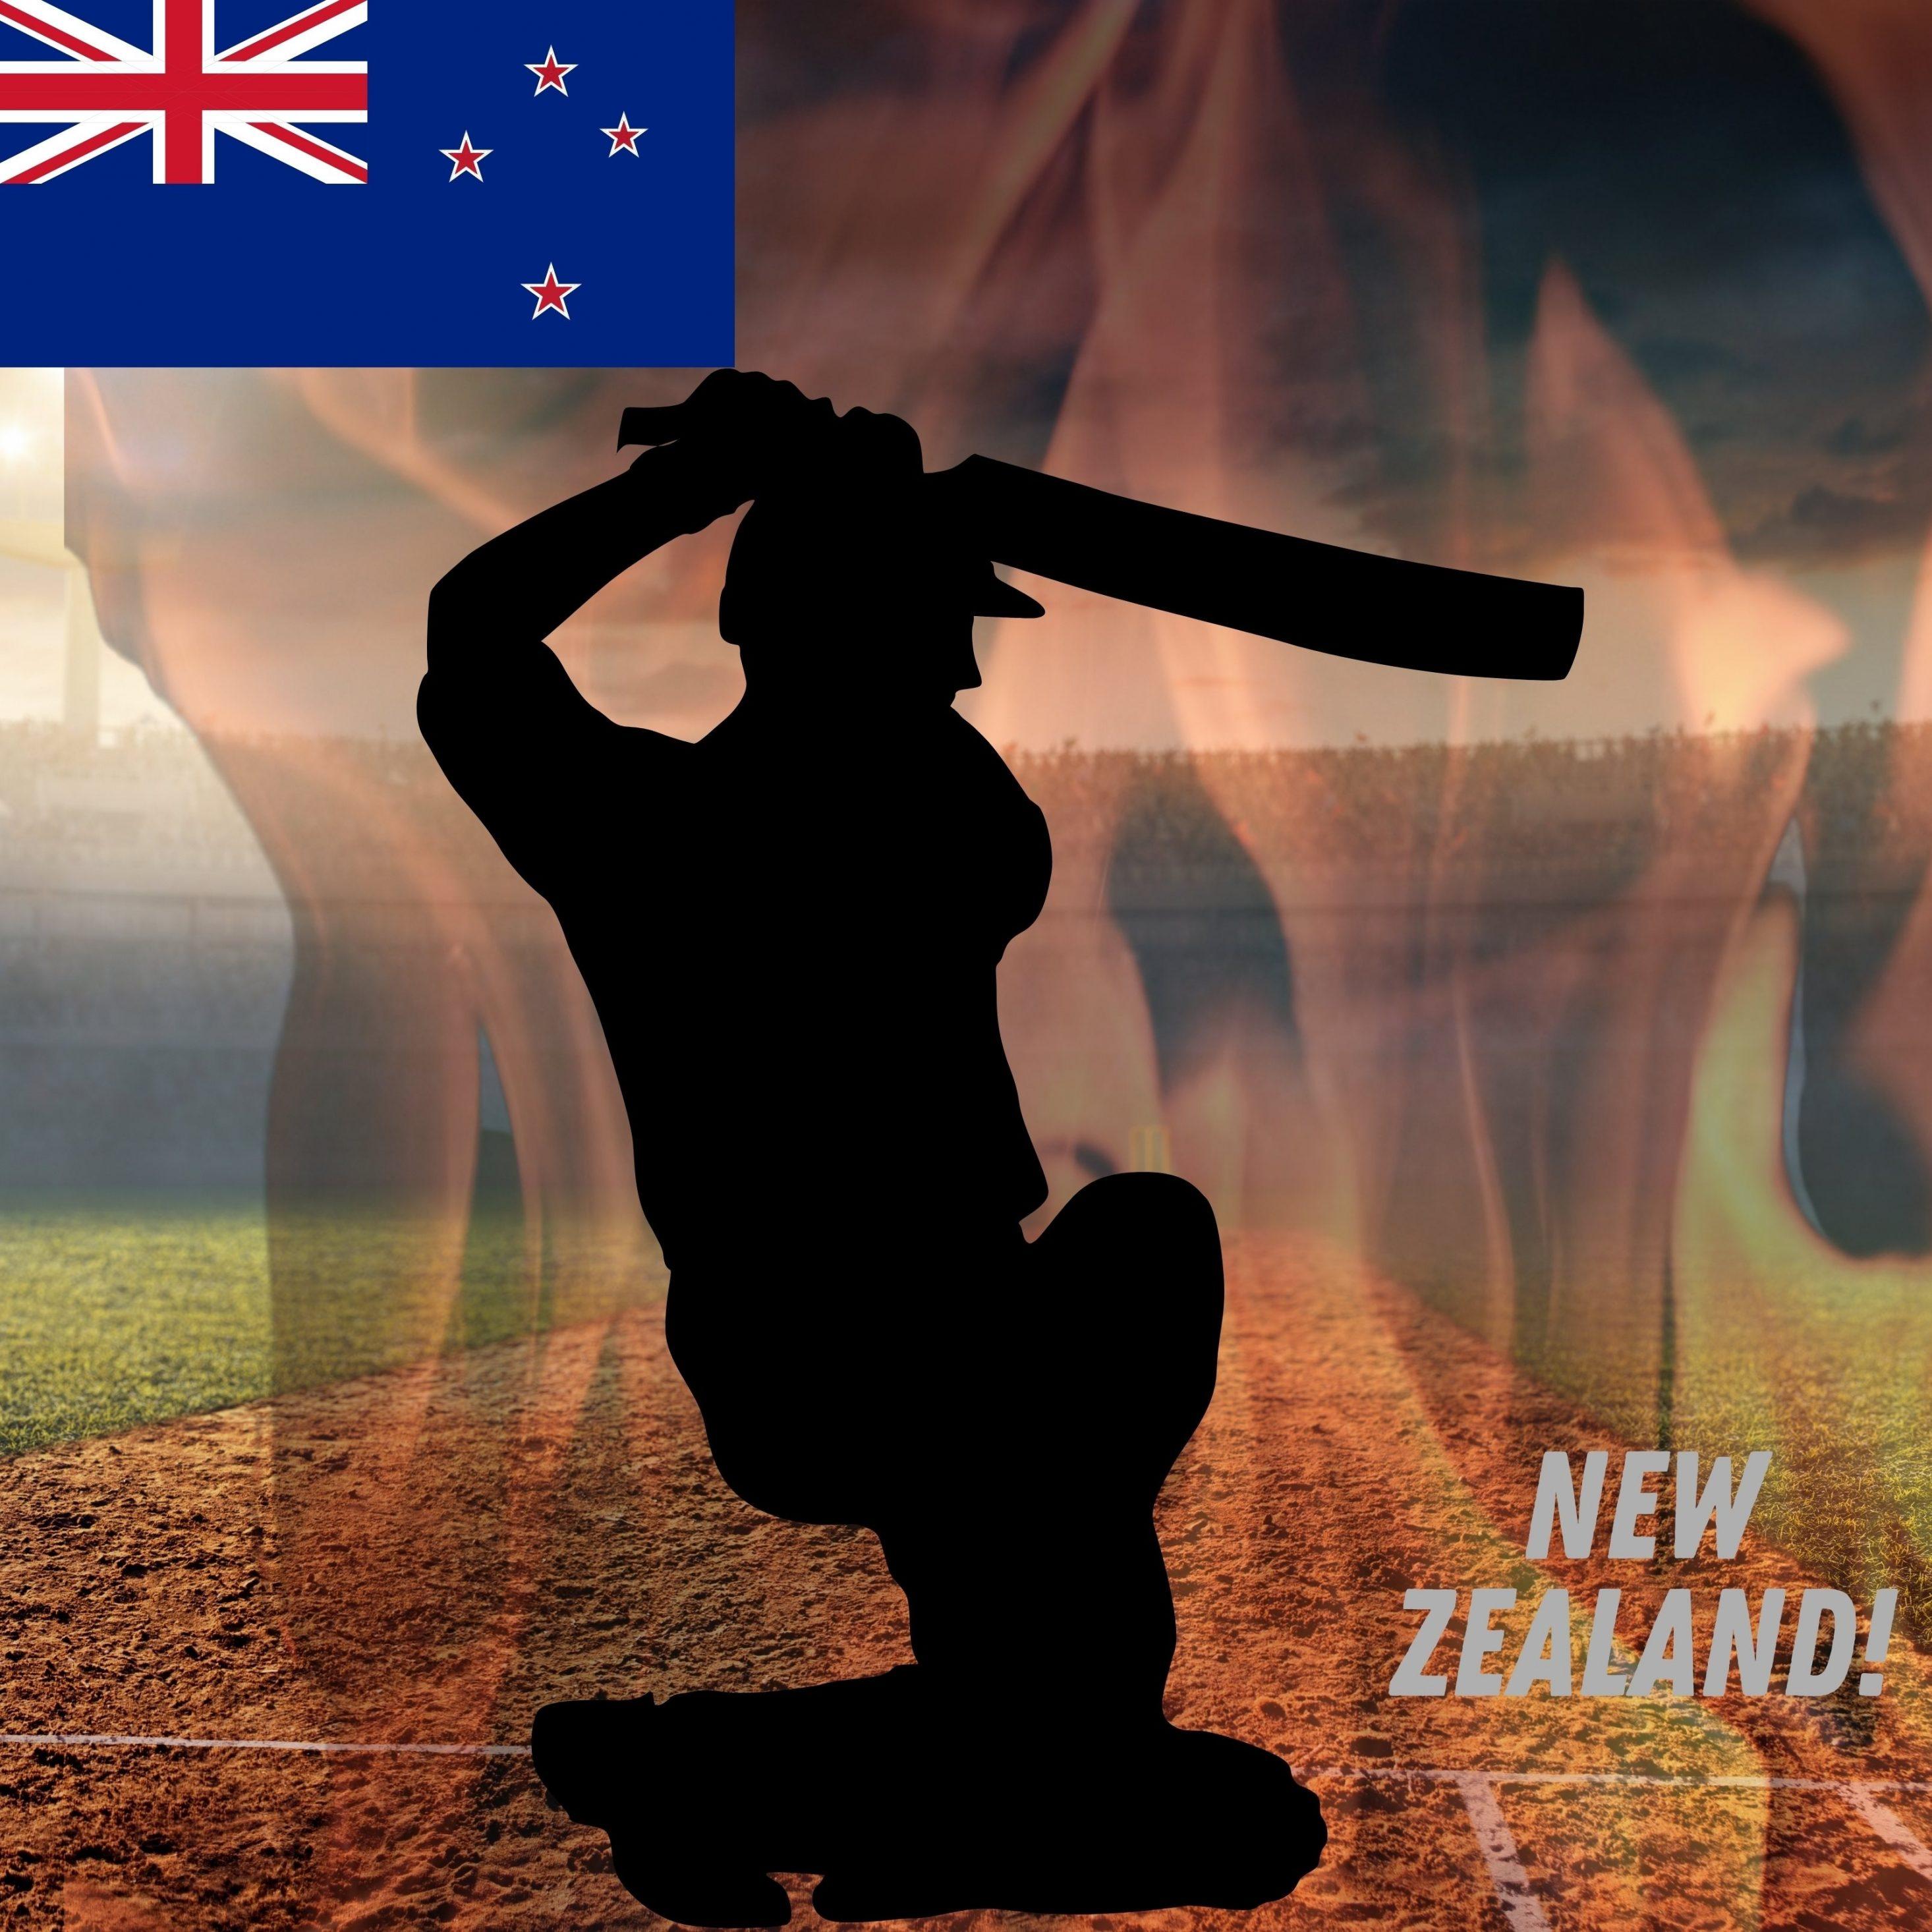 2932x2932 iPad Pro wallpaper 4k New Zealand Cricket Stadium iPad Wallpaper 2932x2932 pixels resolution